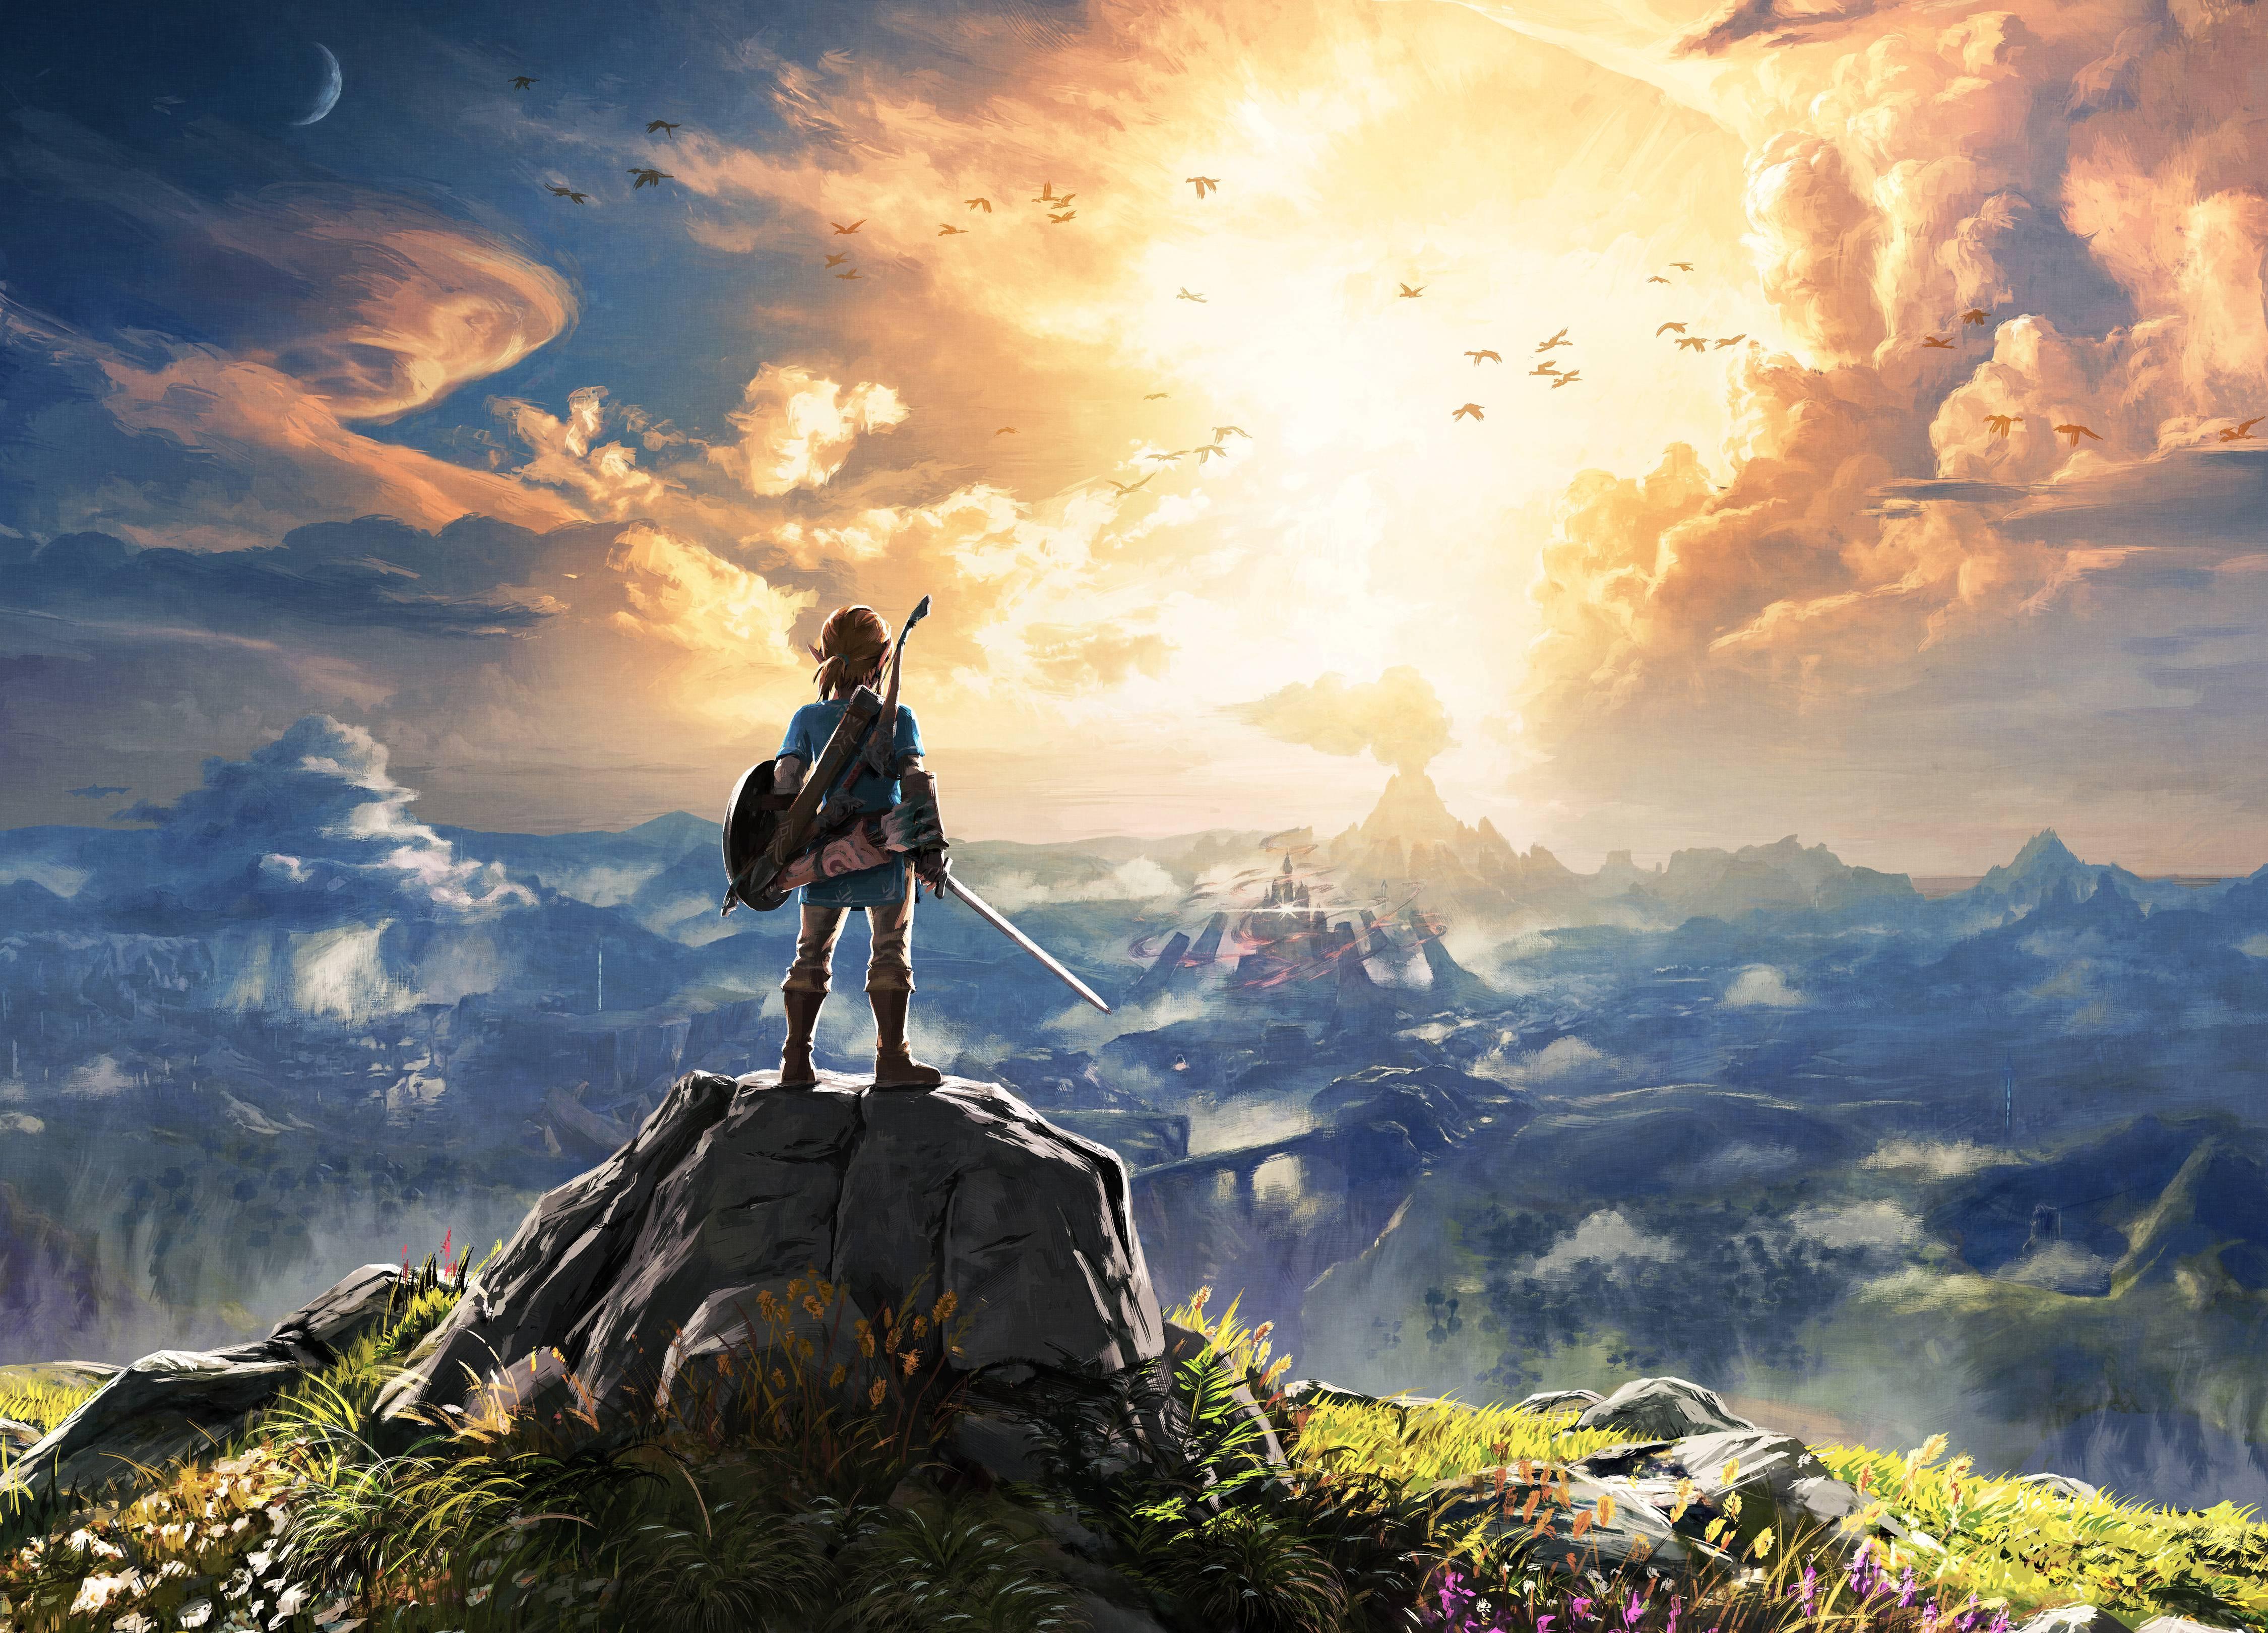 The Legend Of Zelda Breath Of The Wild 4k, HD Games, 4k